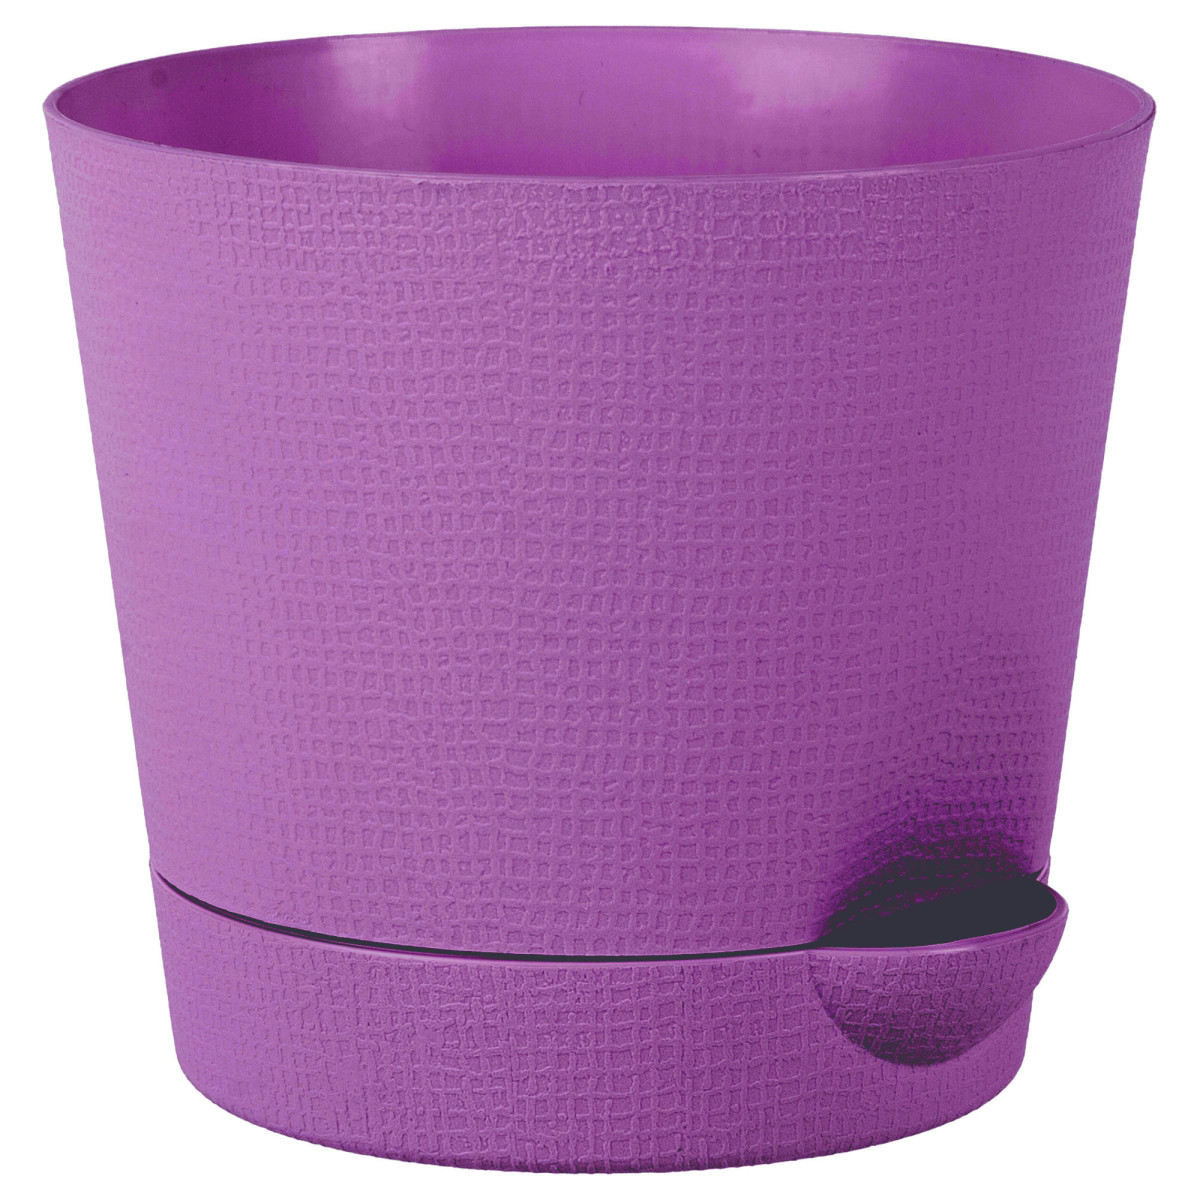 Горшок цветочный «Партер» D19 2 8л. пластик Фиолетовый Розовый